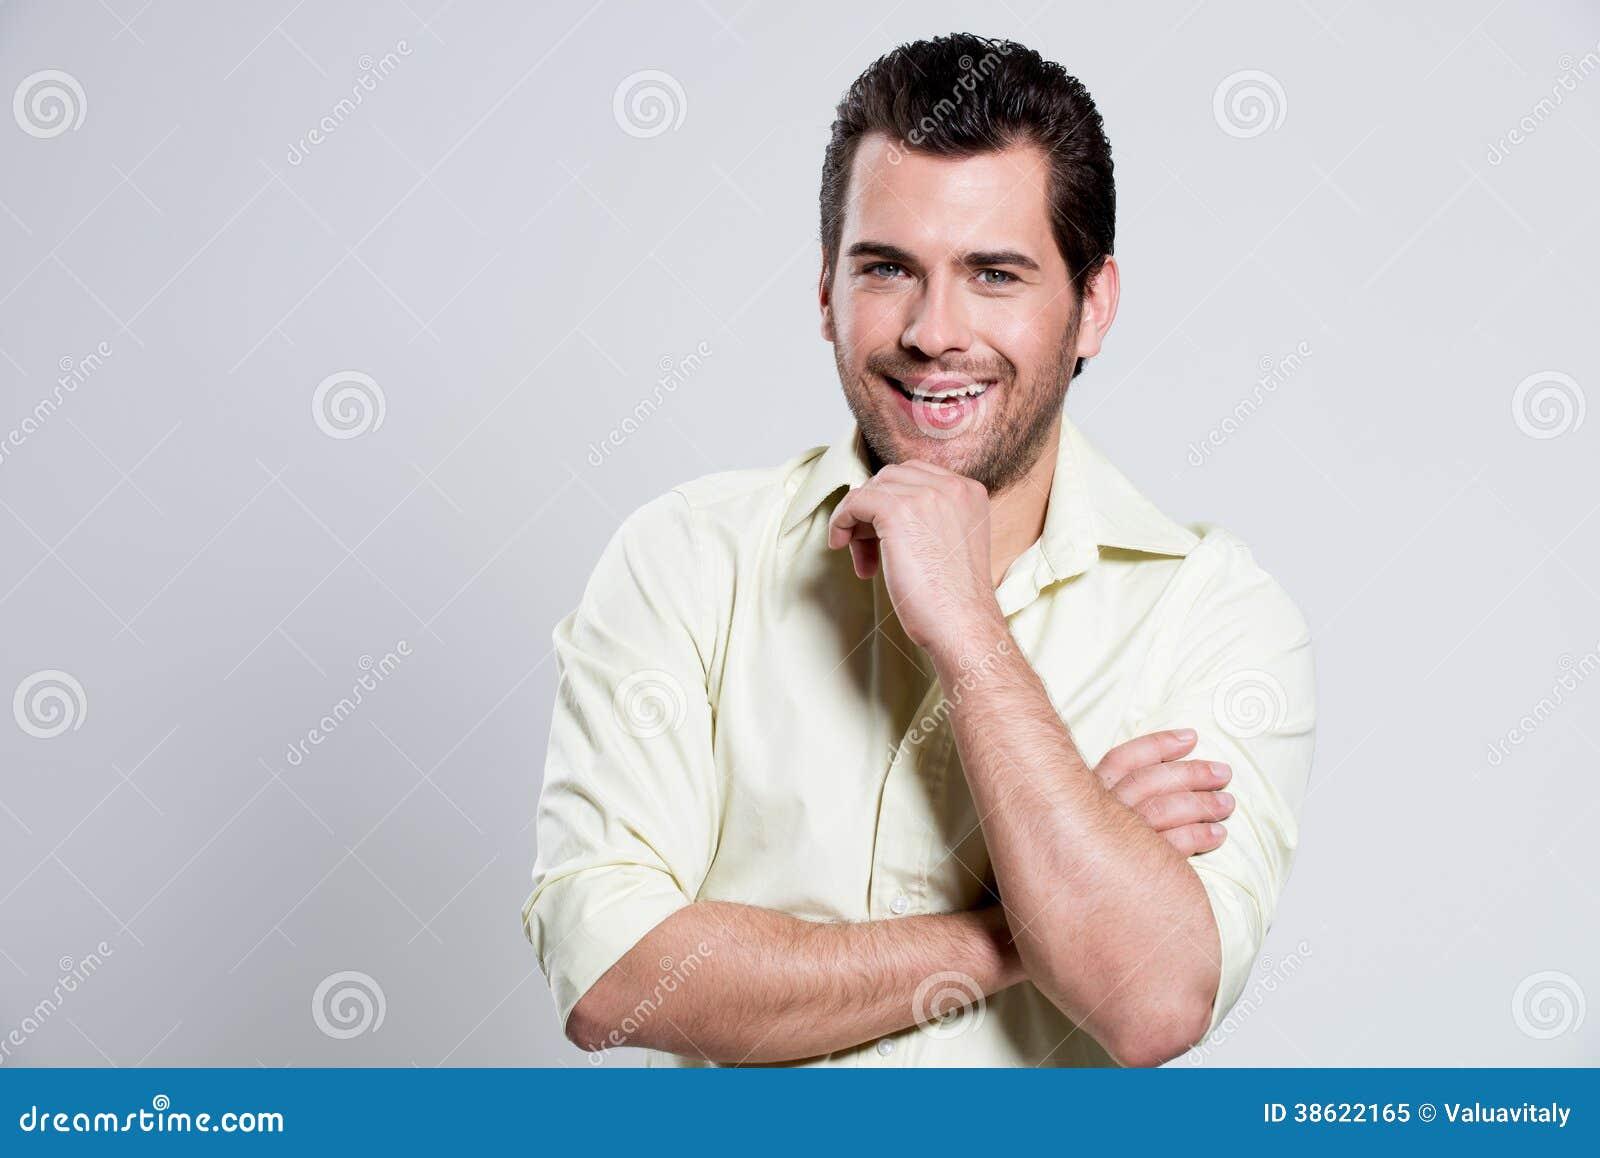 portrait d 39 homme heureux dans la chemise jaune image stock image du sourire heureux 38622165. Black Bedroom Furniture Sets. Home Design Ideas